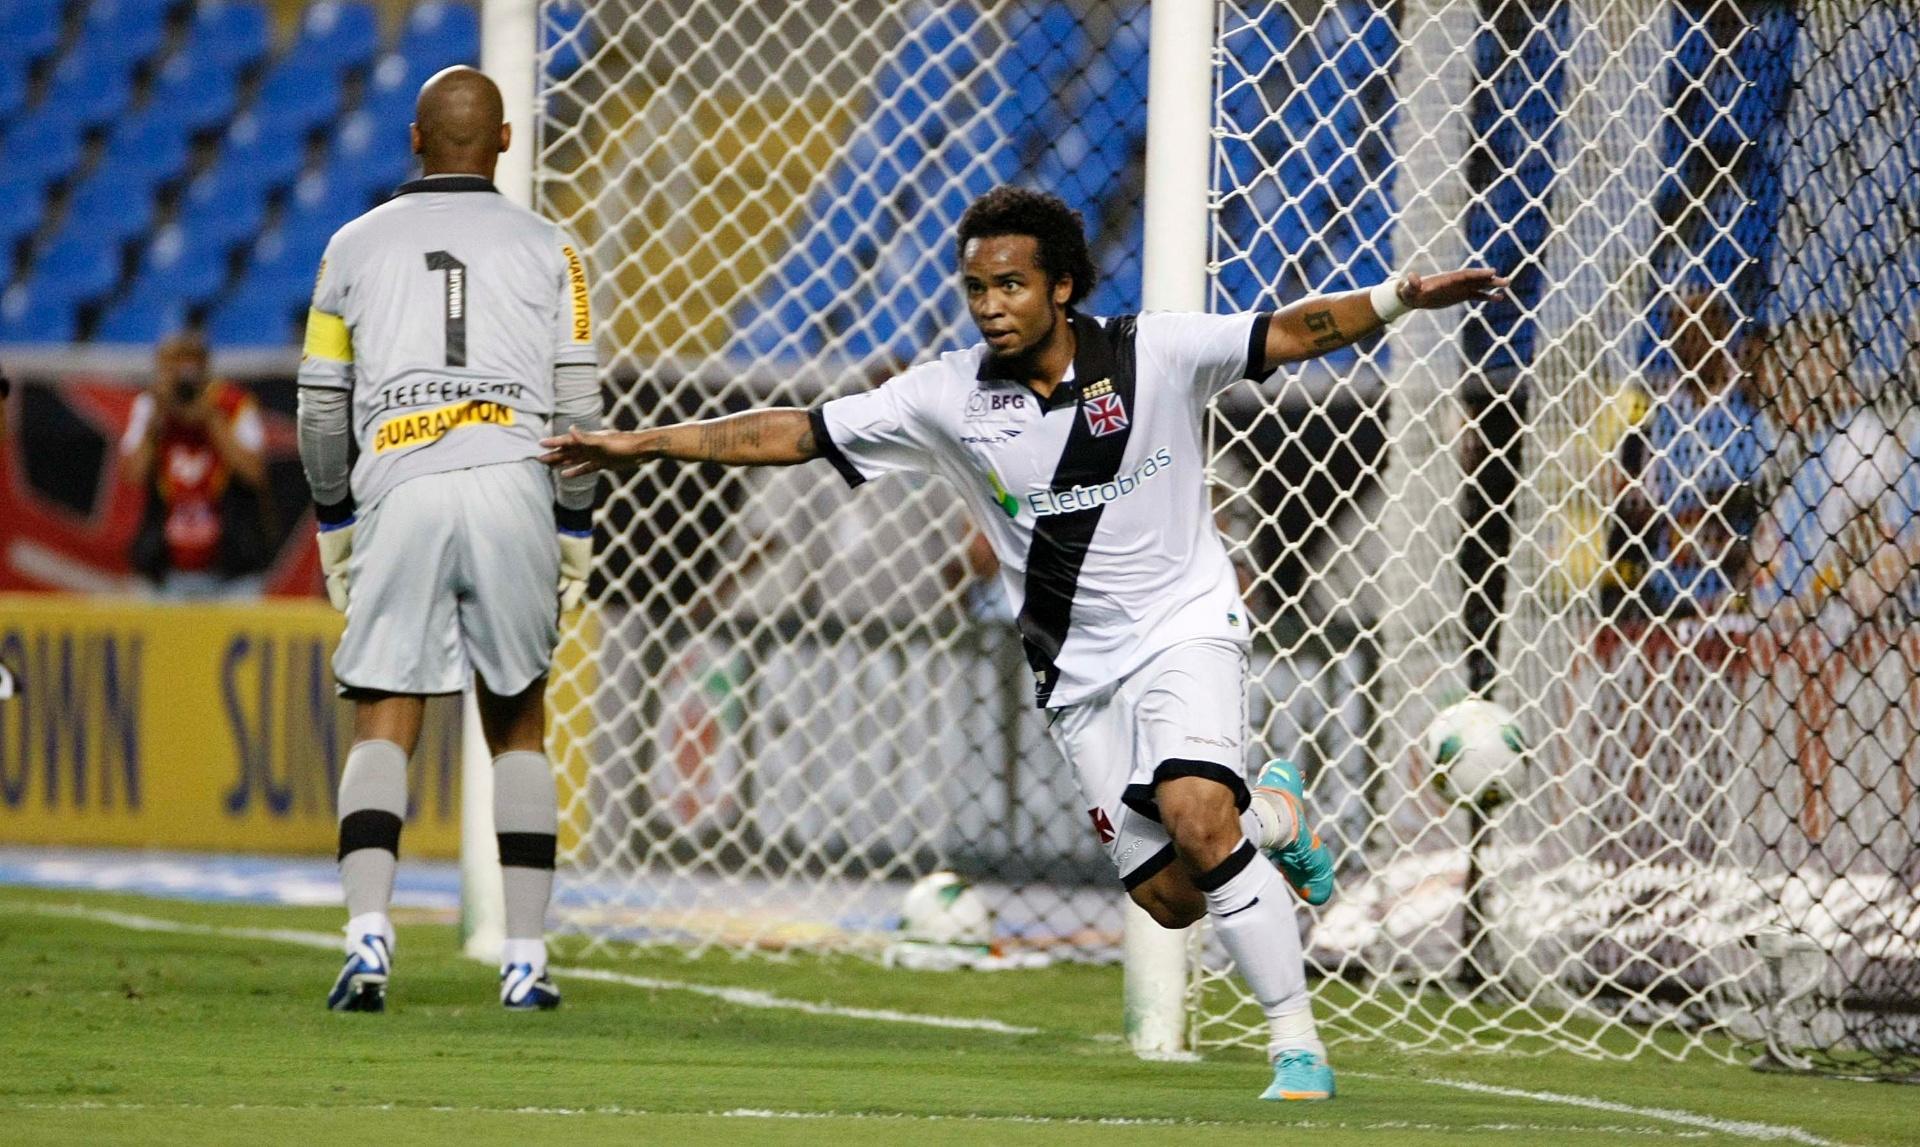 591a53f409 Carlos Alberto supera má fase com improvisação e vira solução do ataque do  Vasco - 21 10 2012 - UOL Esporte